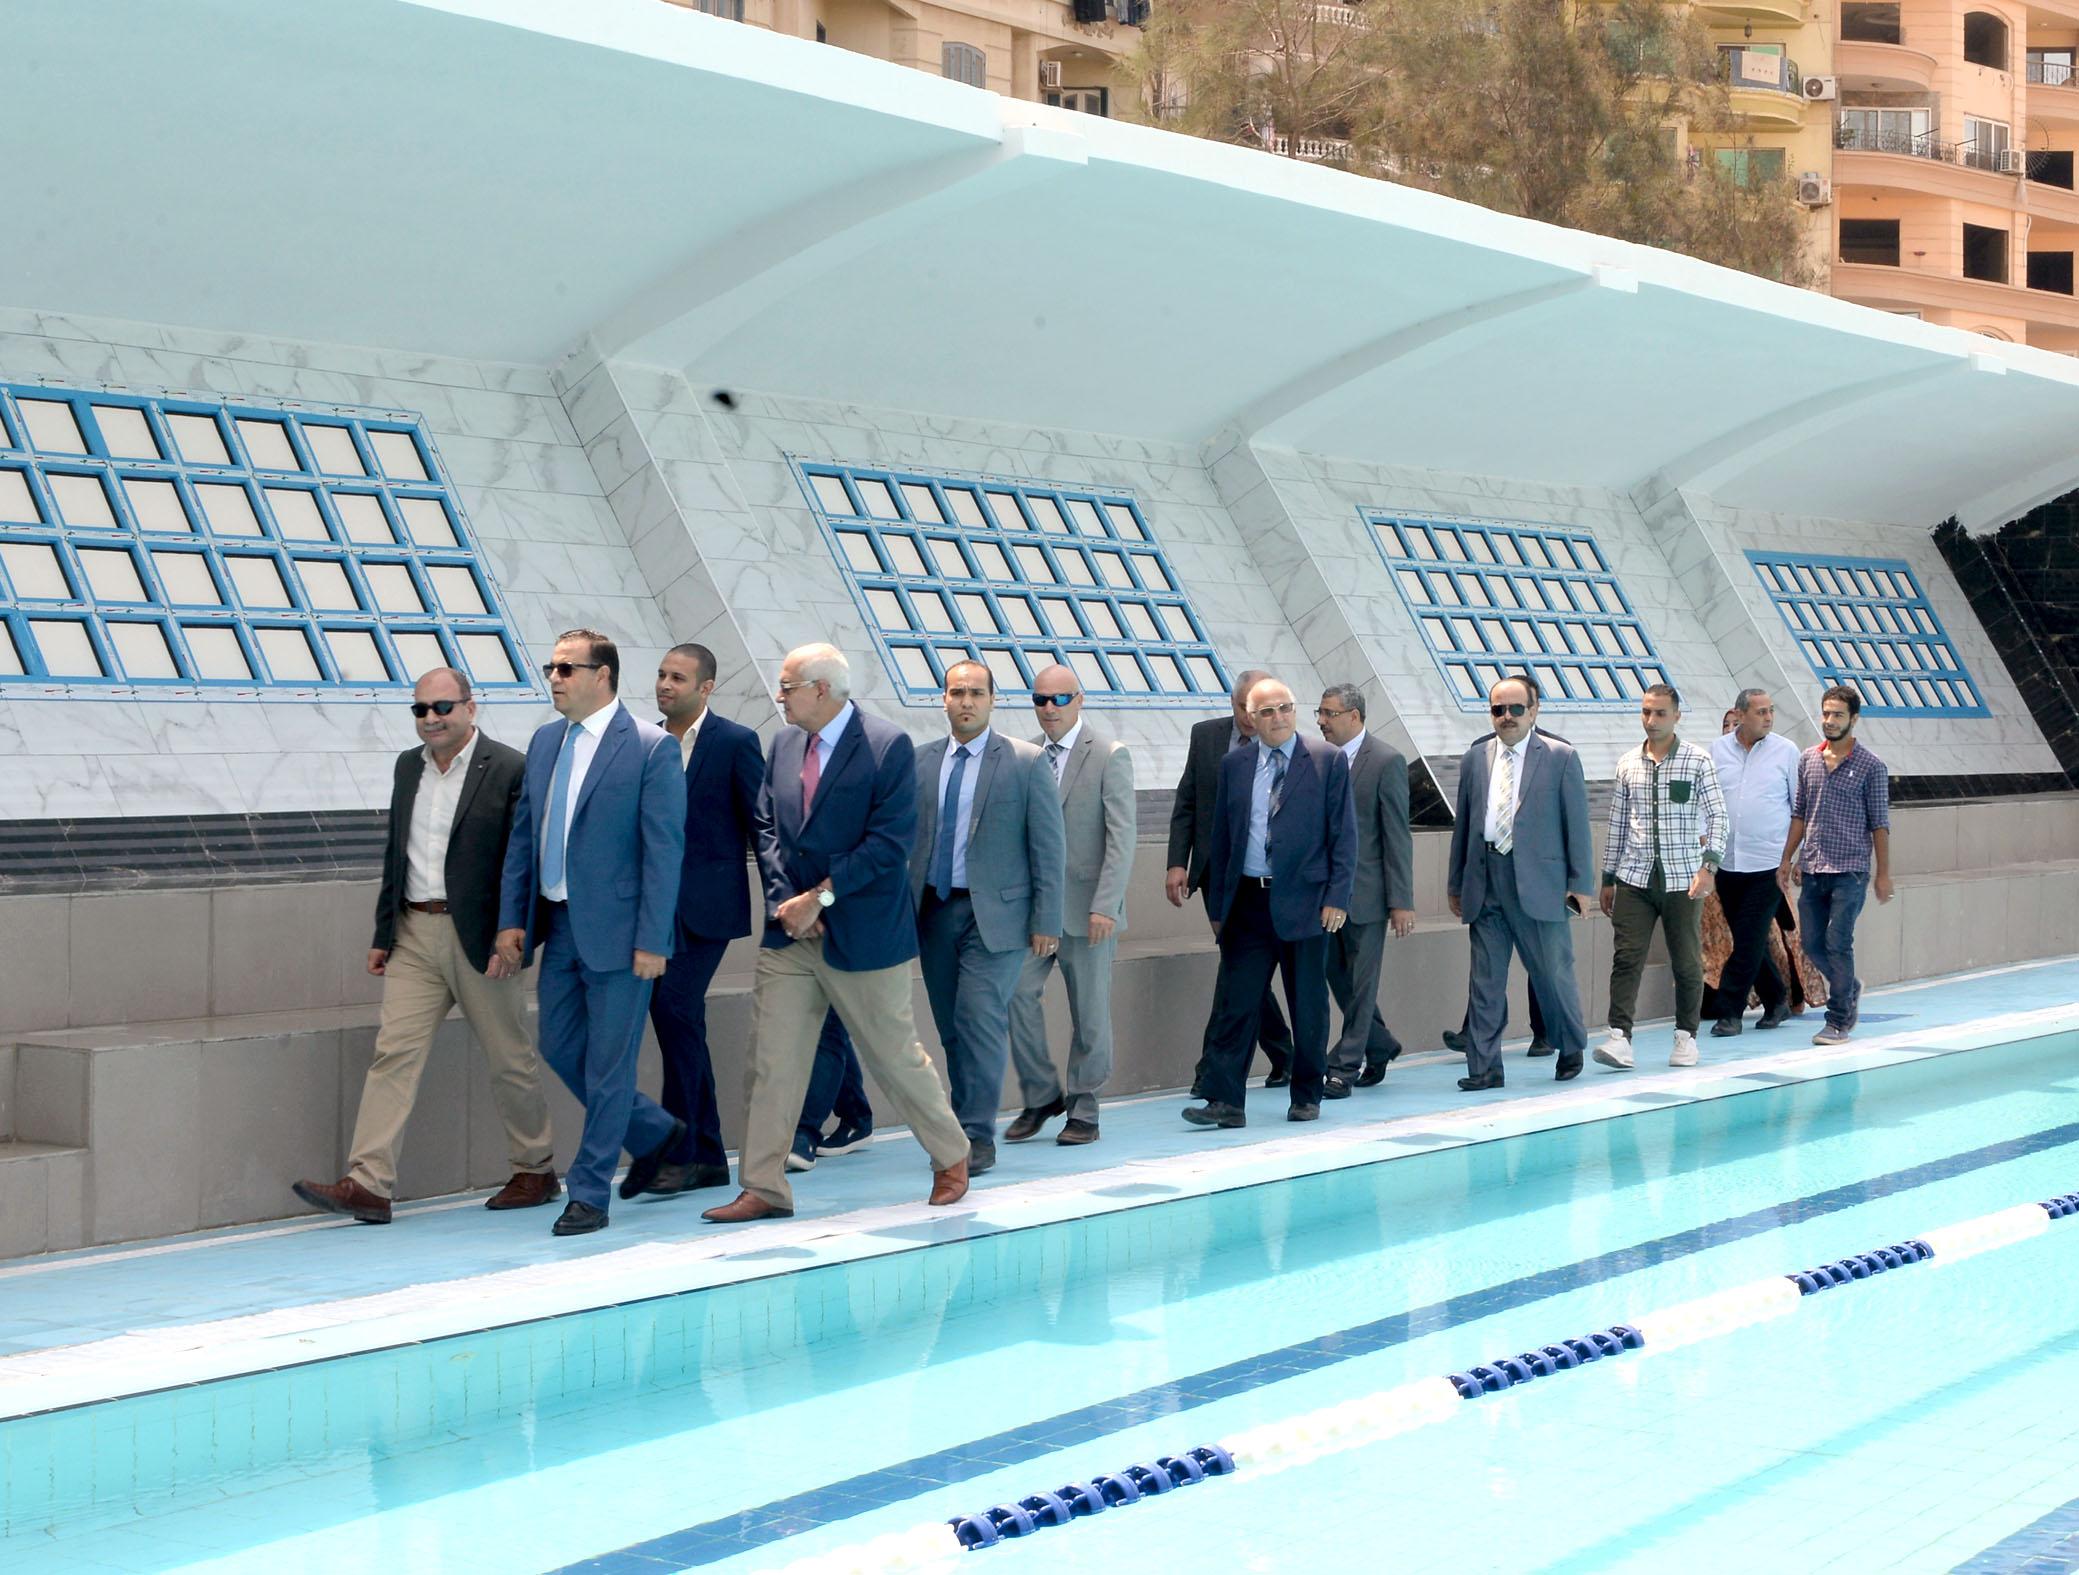 رئيس جامعة المنصورة يفتتح حمام السباحة التعليمى بالقرية الأولمبية بجامعة المنصورة (4)